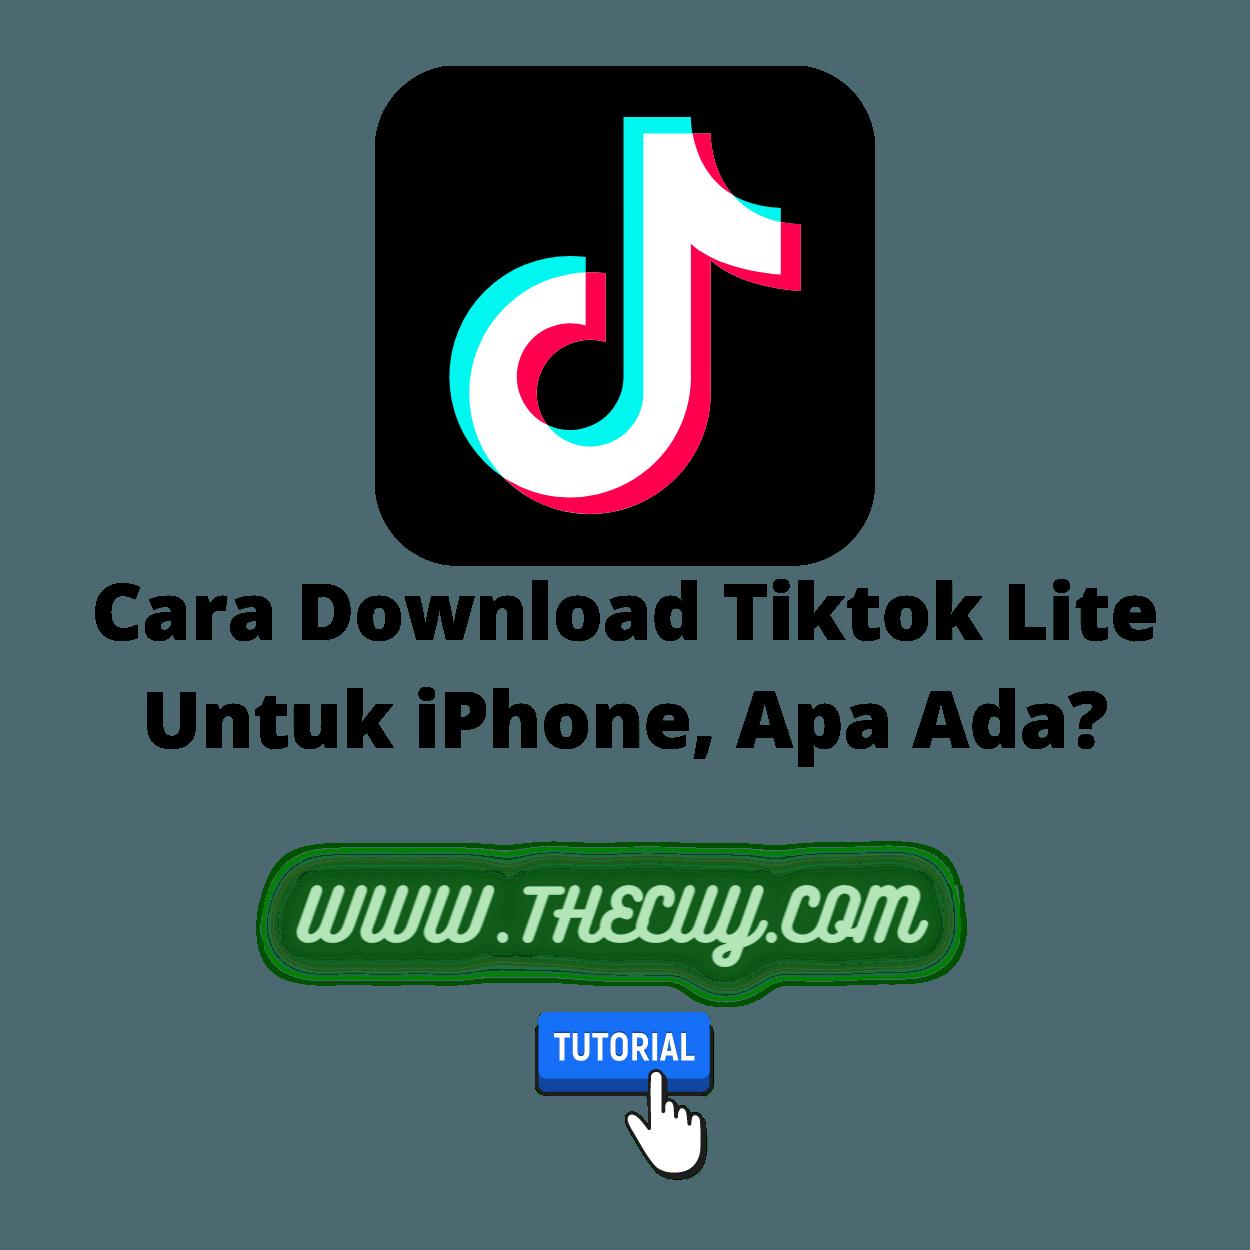 Cara Download Tiktok Lite Untuk iPhone, Apa Ada?